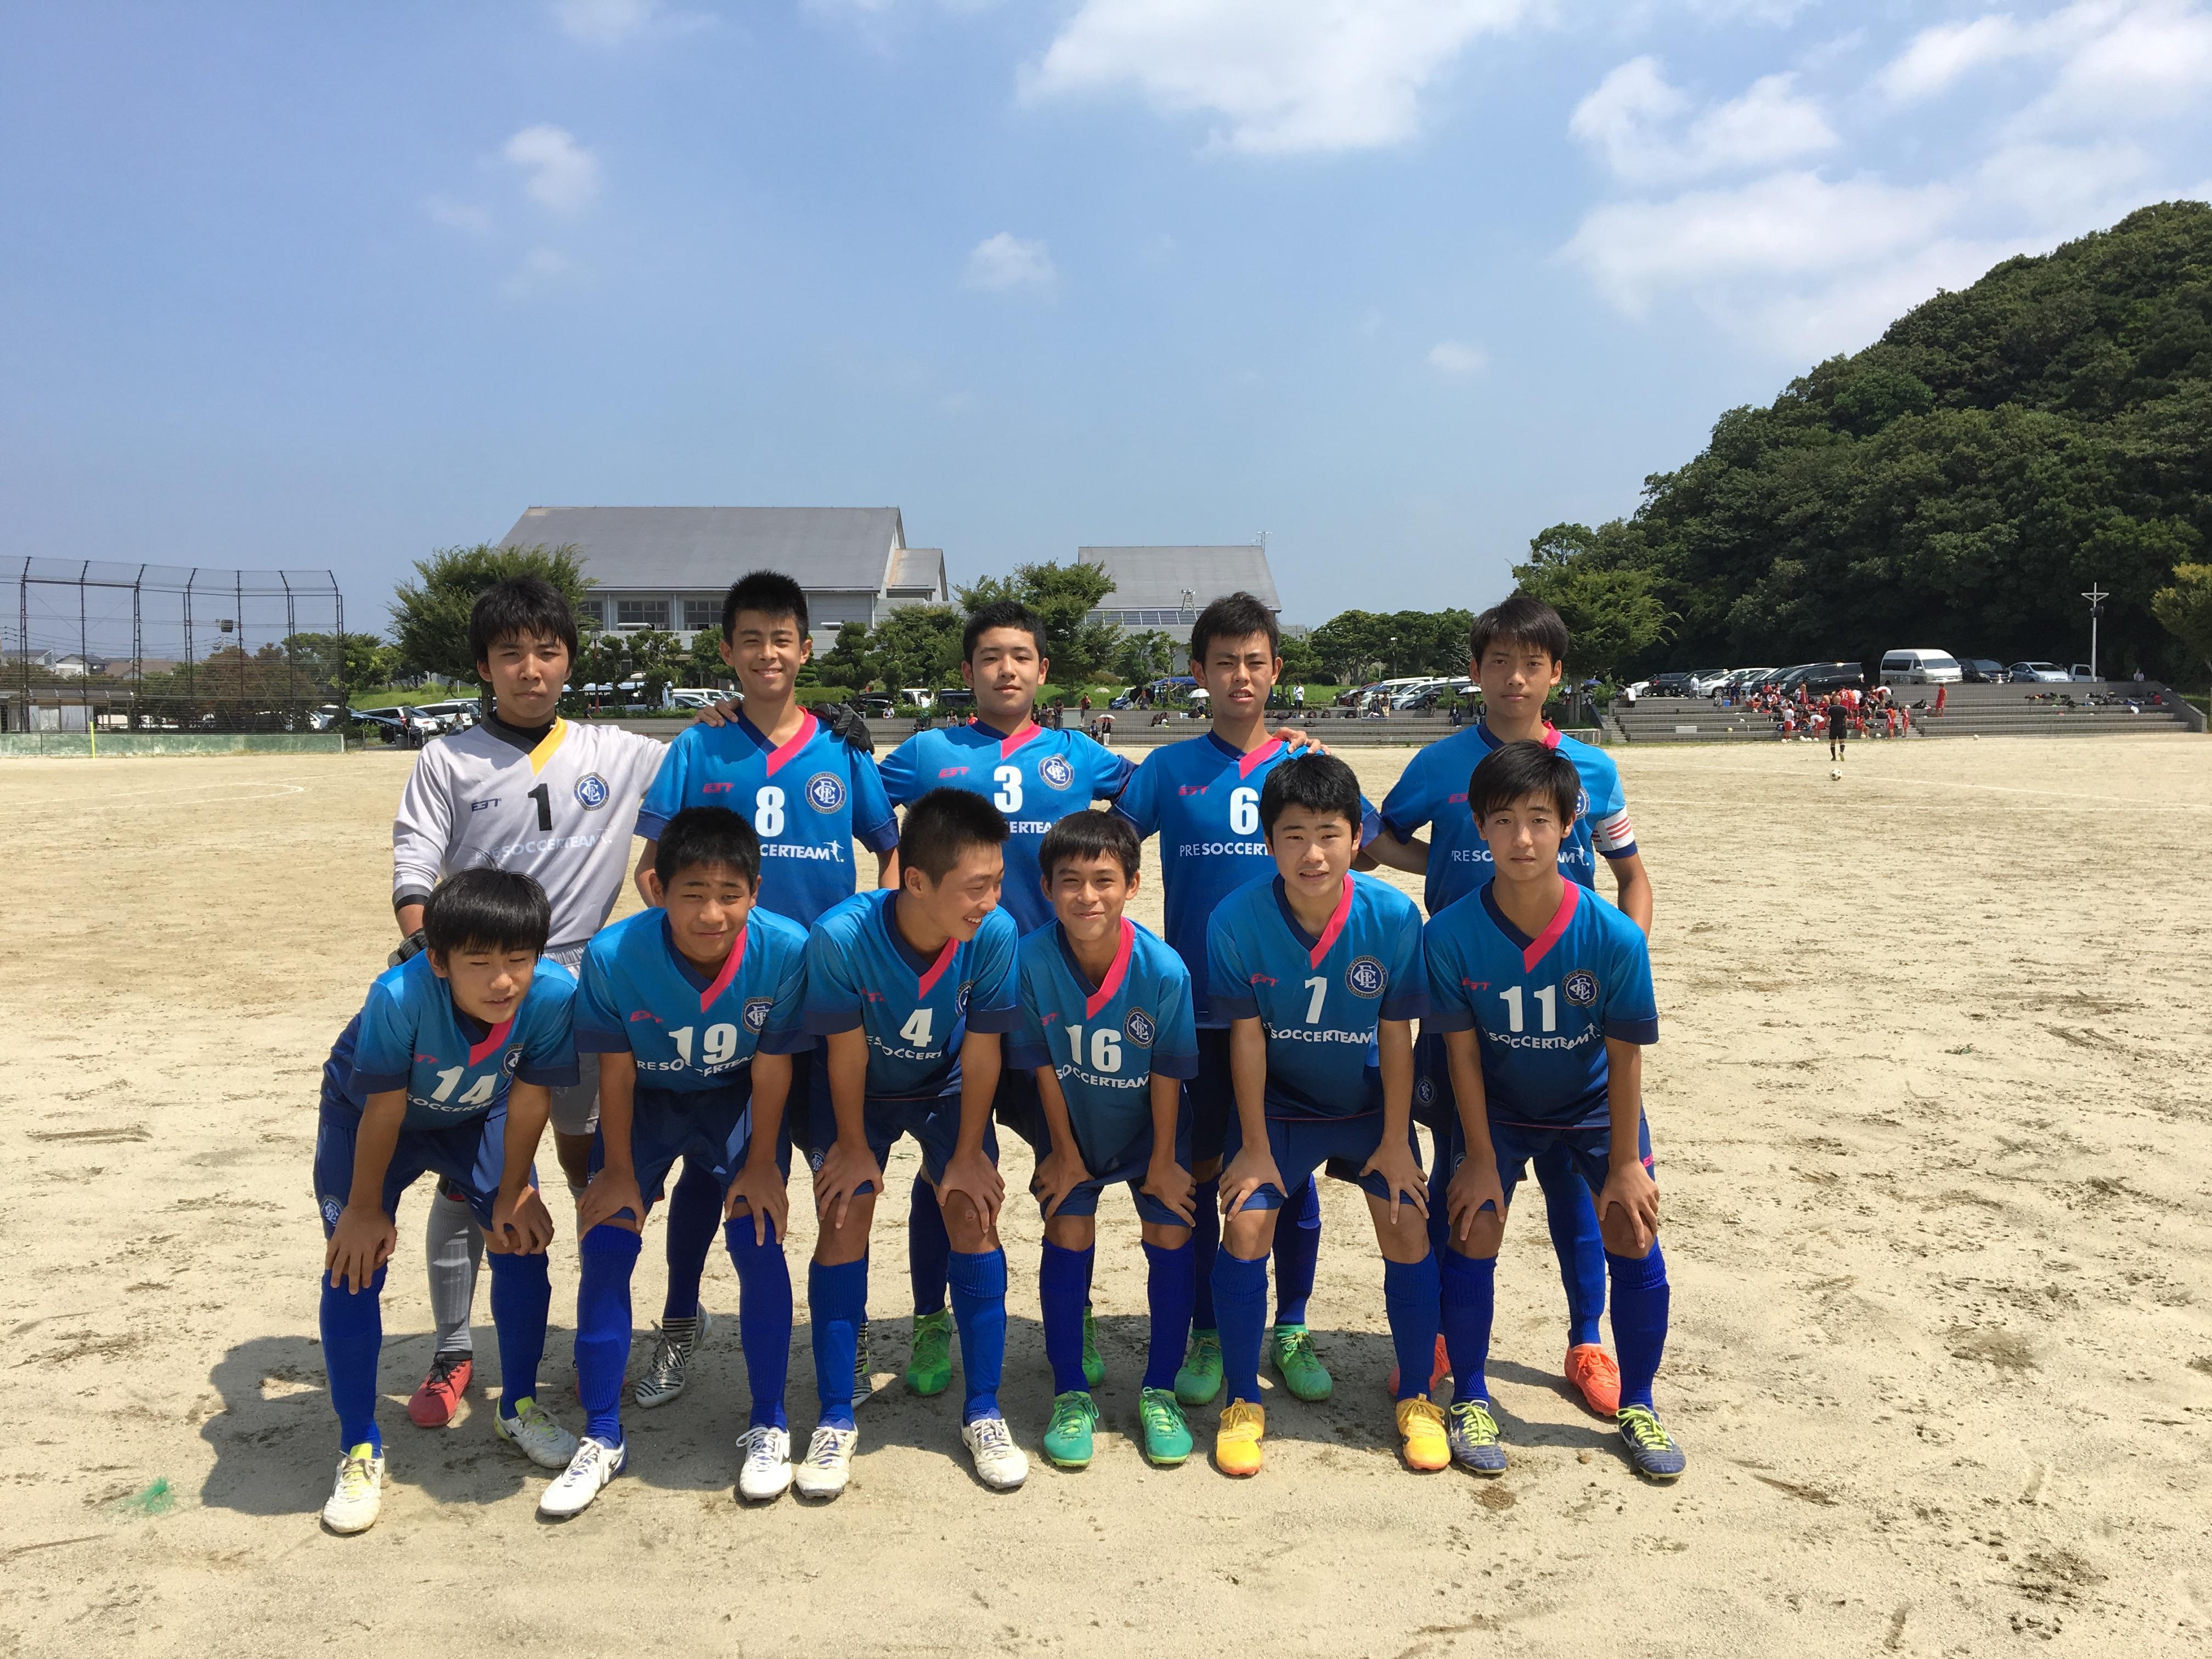 U15 県リーグ 残り3節!!VS ラソーナ